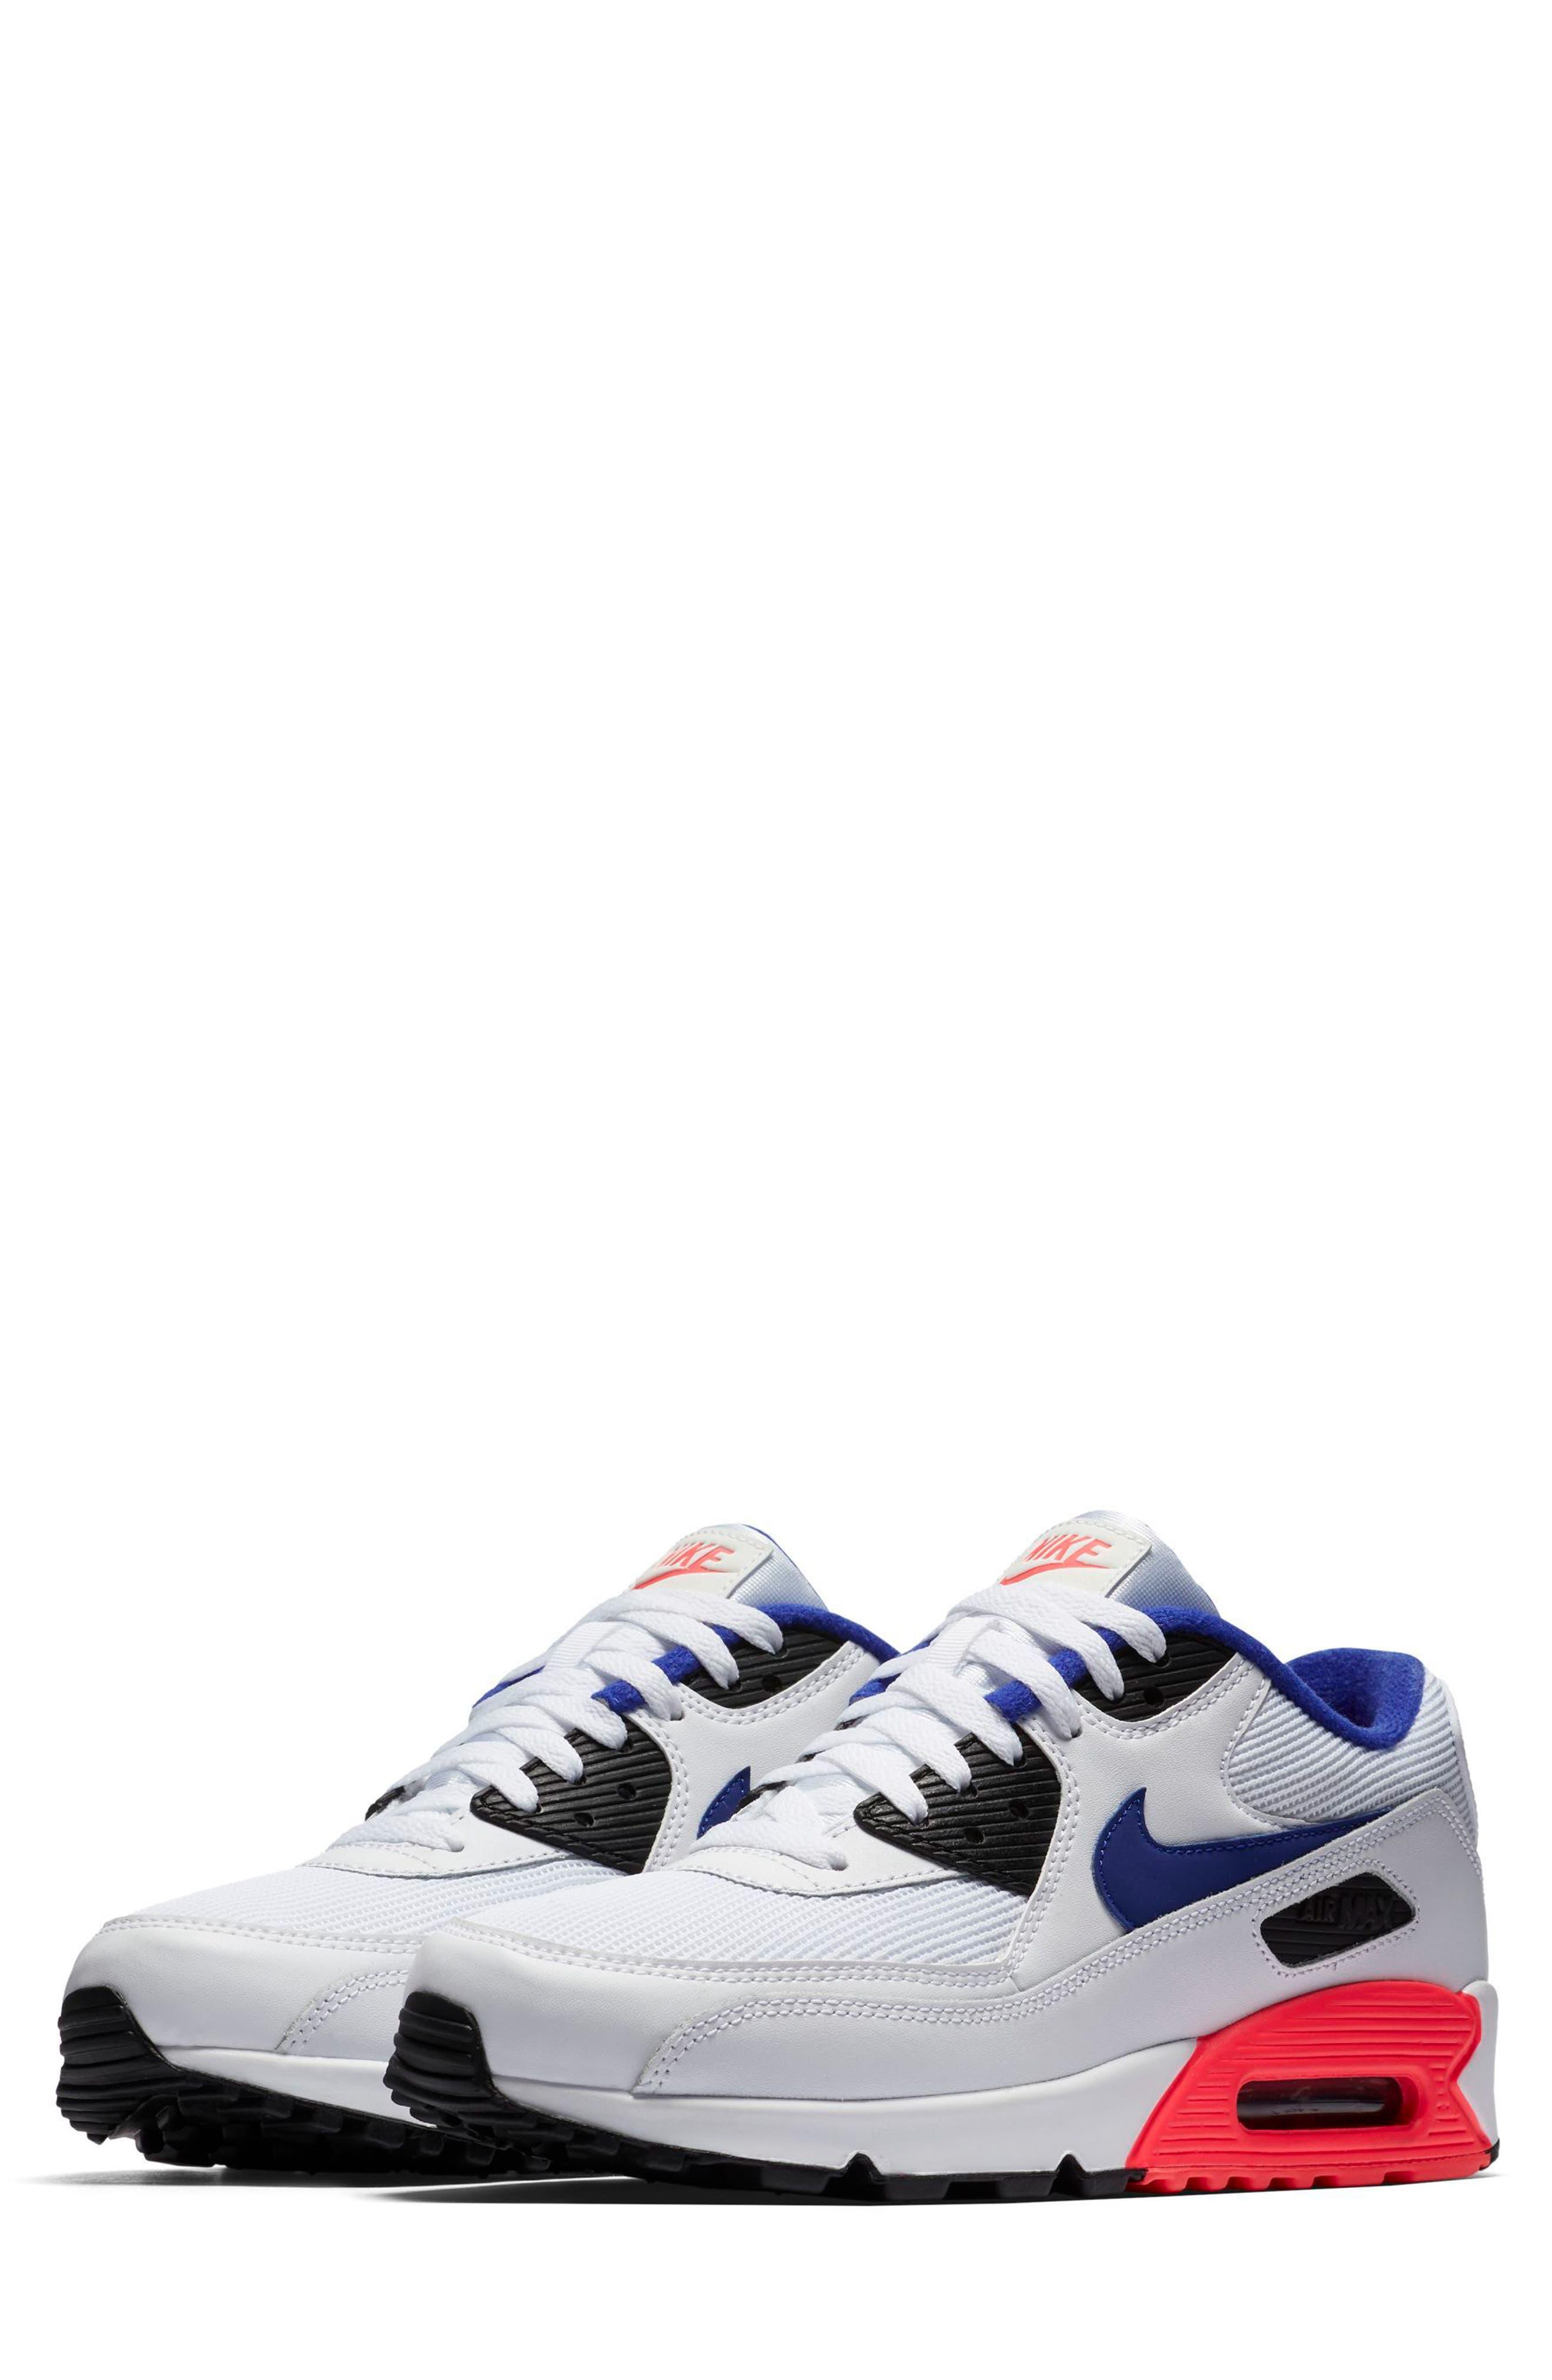 Air Max 90 Essential Sneaker,                             Main thumbnail 1, color,                             WHITE/ ULTRAMARINE